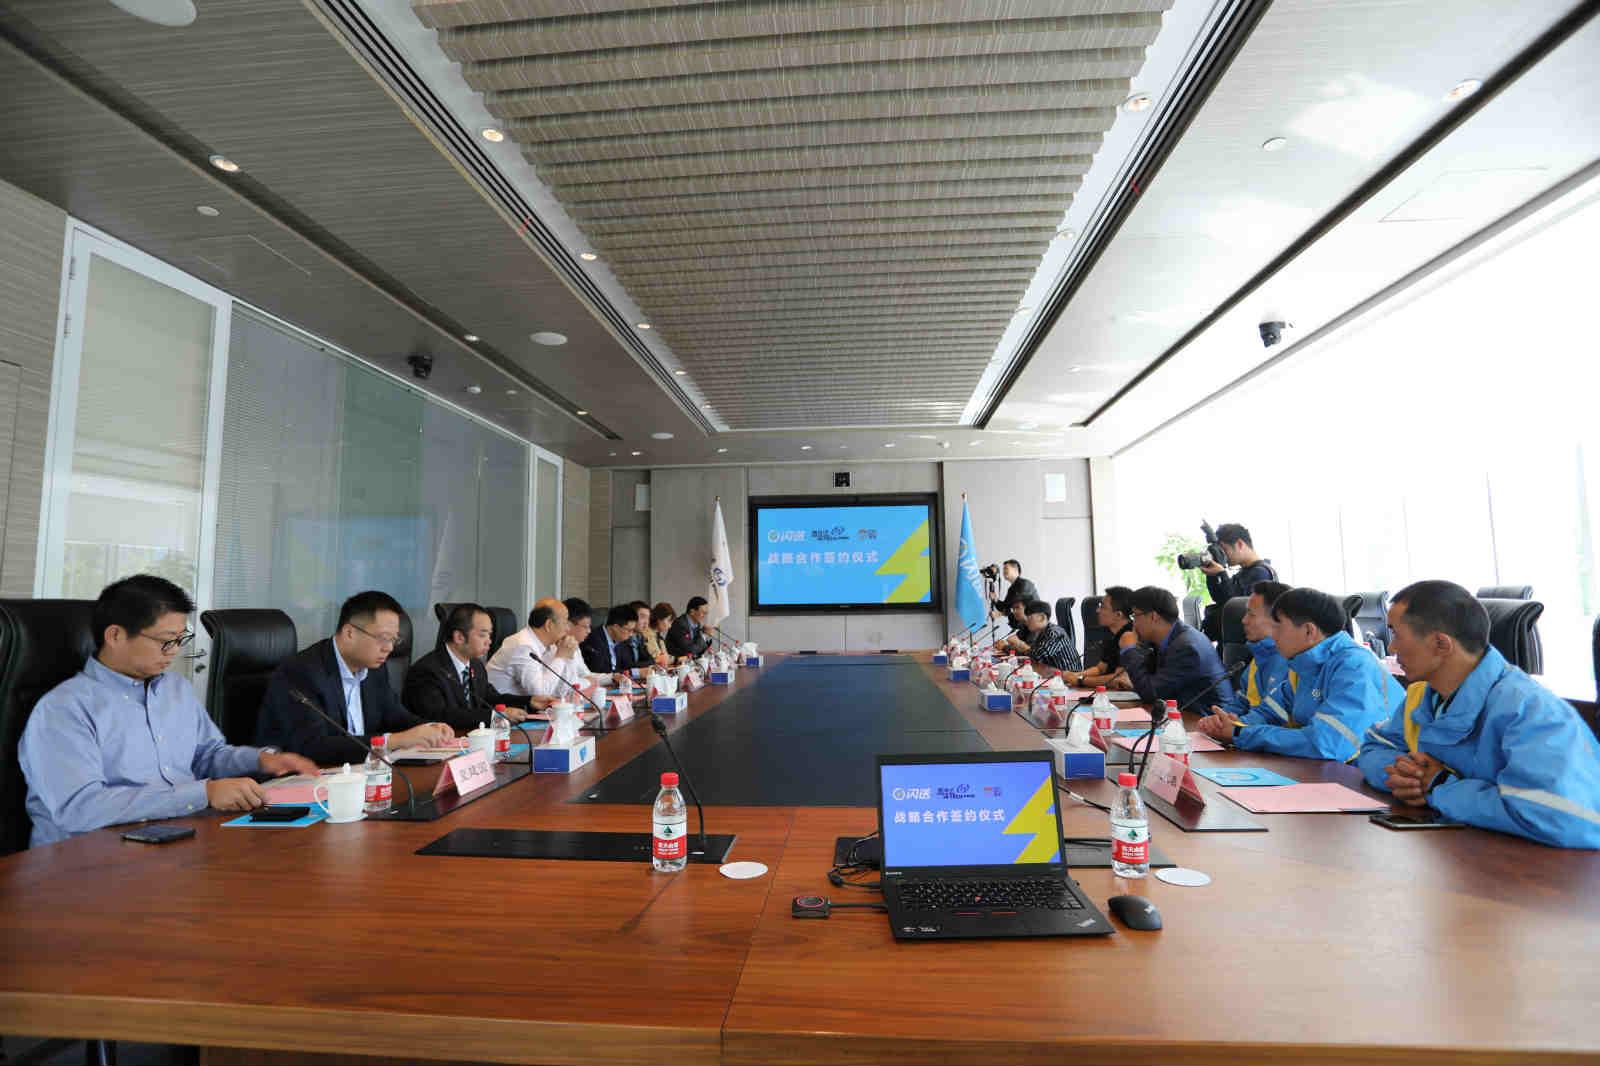 闪送与上海市漕河泾新兴技术开发区签署战略合作协议